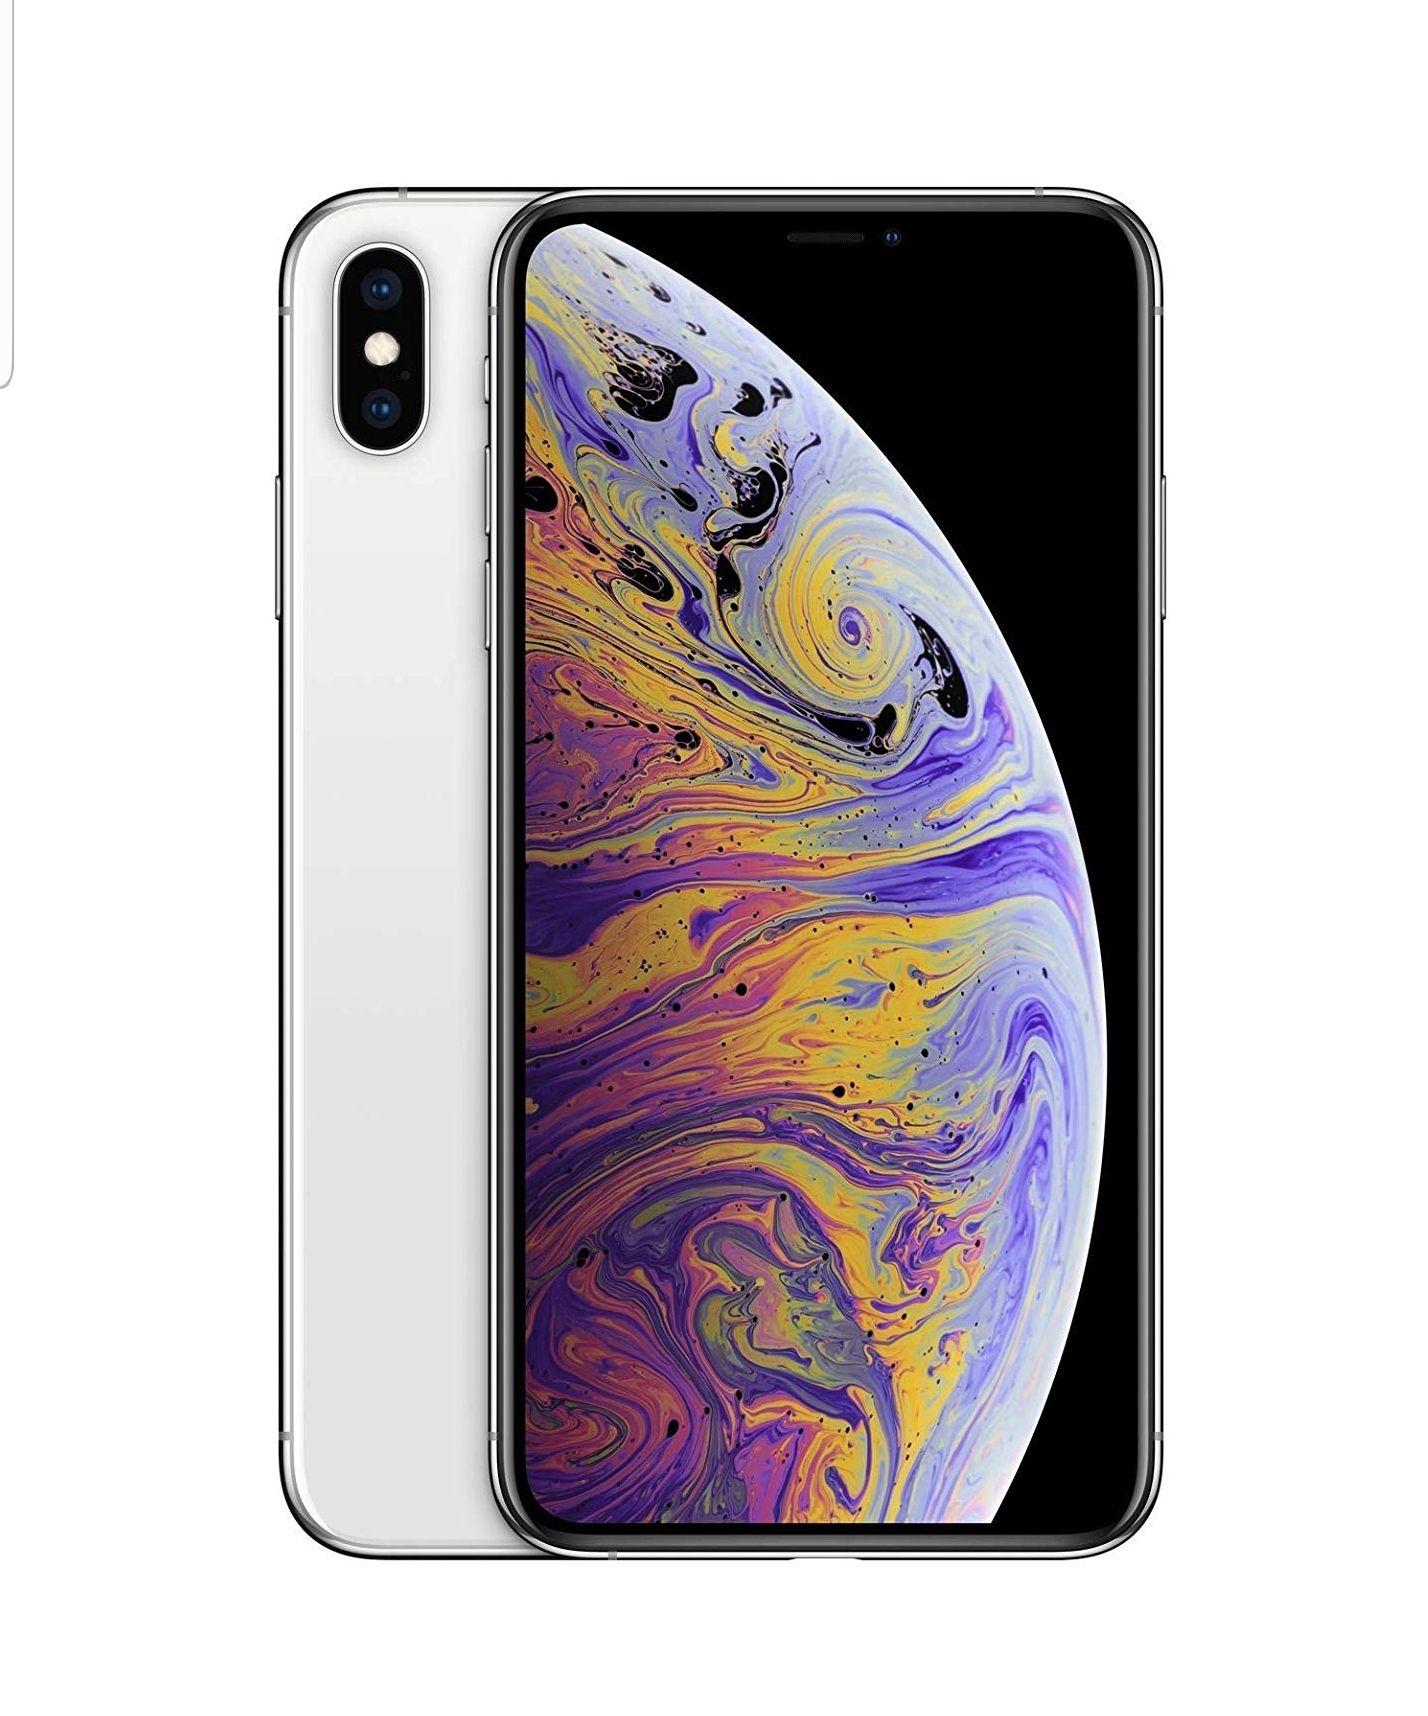 Apple iPhone XS MAX - £799 @ Amazon